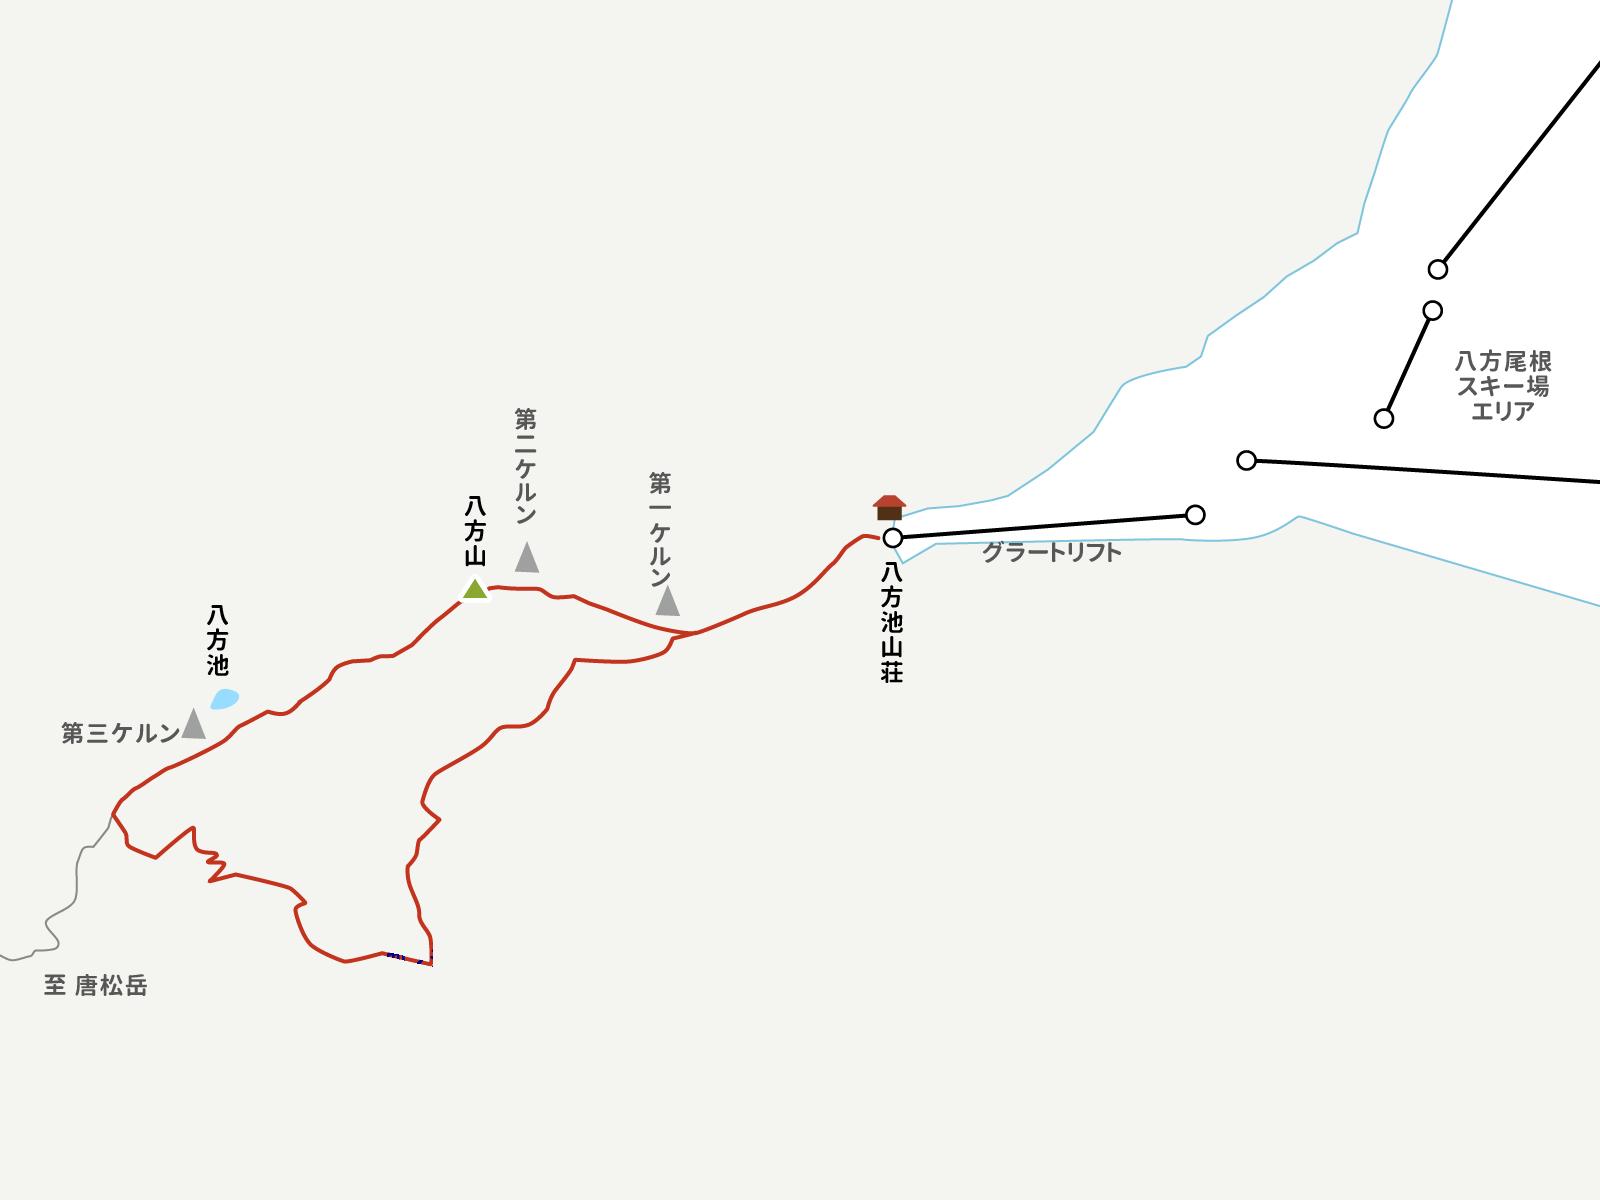 八方尾根スキー場から八方池までのイラストマップ